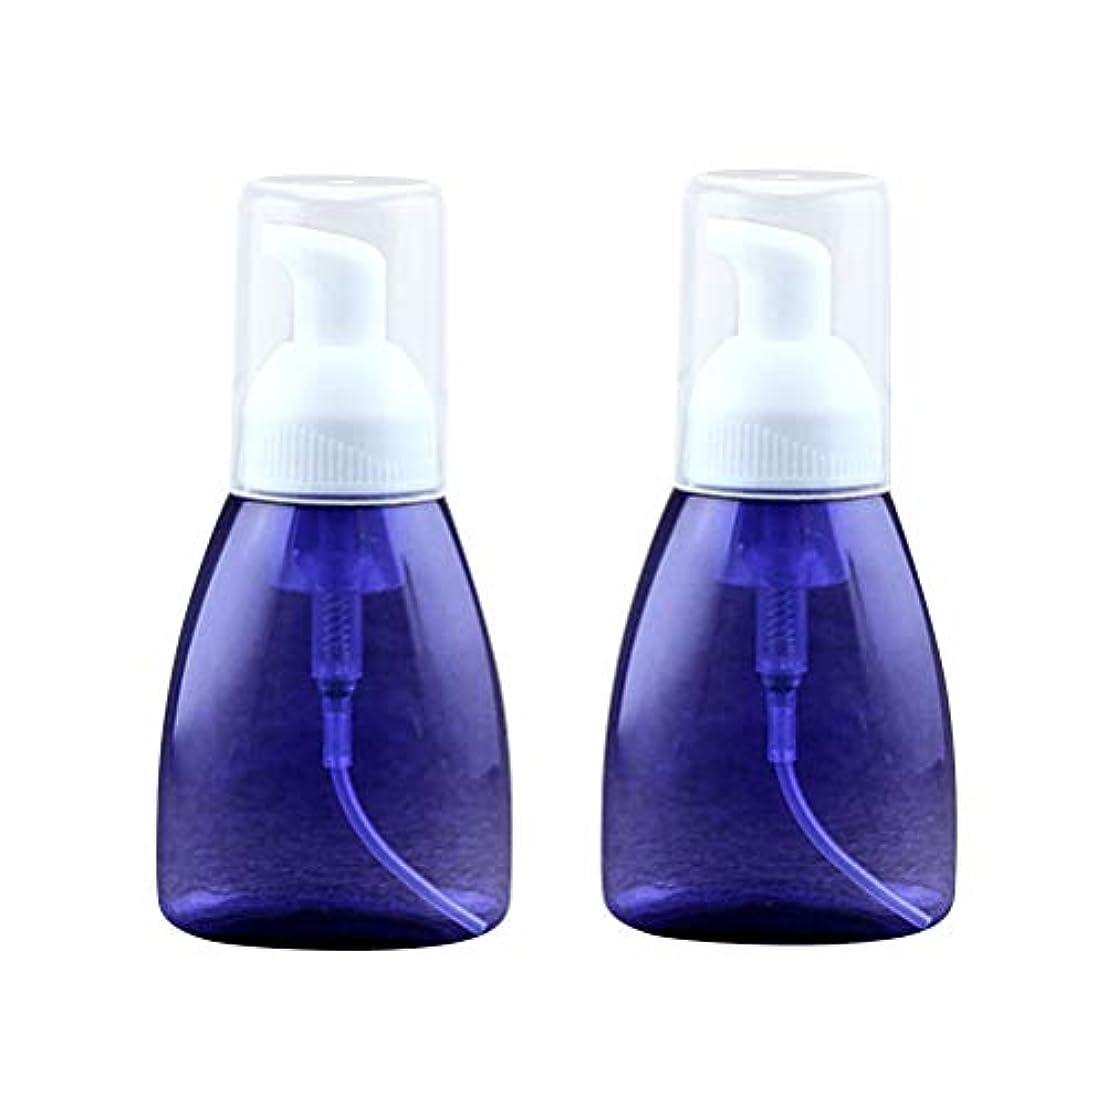 定常無謀偉業SUPVOX 2本発泡ソープディスペンサー詰め替え式プラスチックローションボトル泡ハンドポンプ空のボトル容器クリアトラベルトイレタリーボトル用液体シャンプー80ml(ブルー)